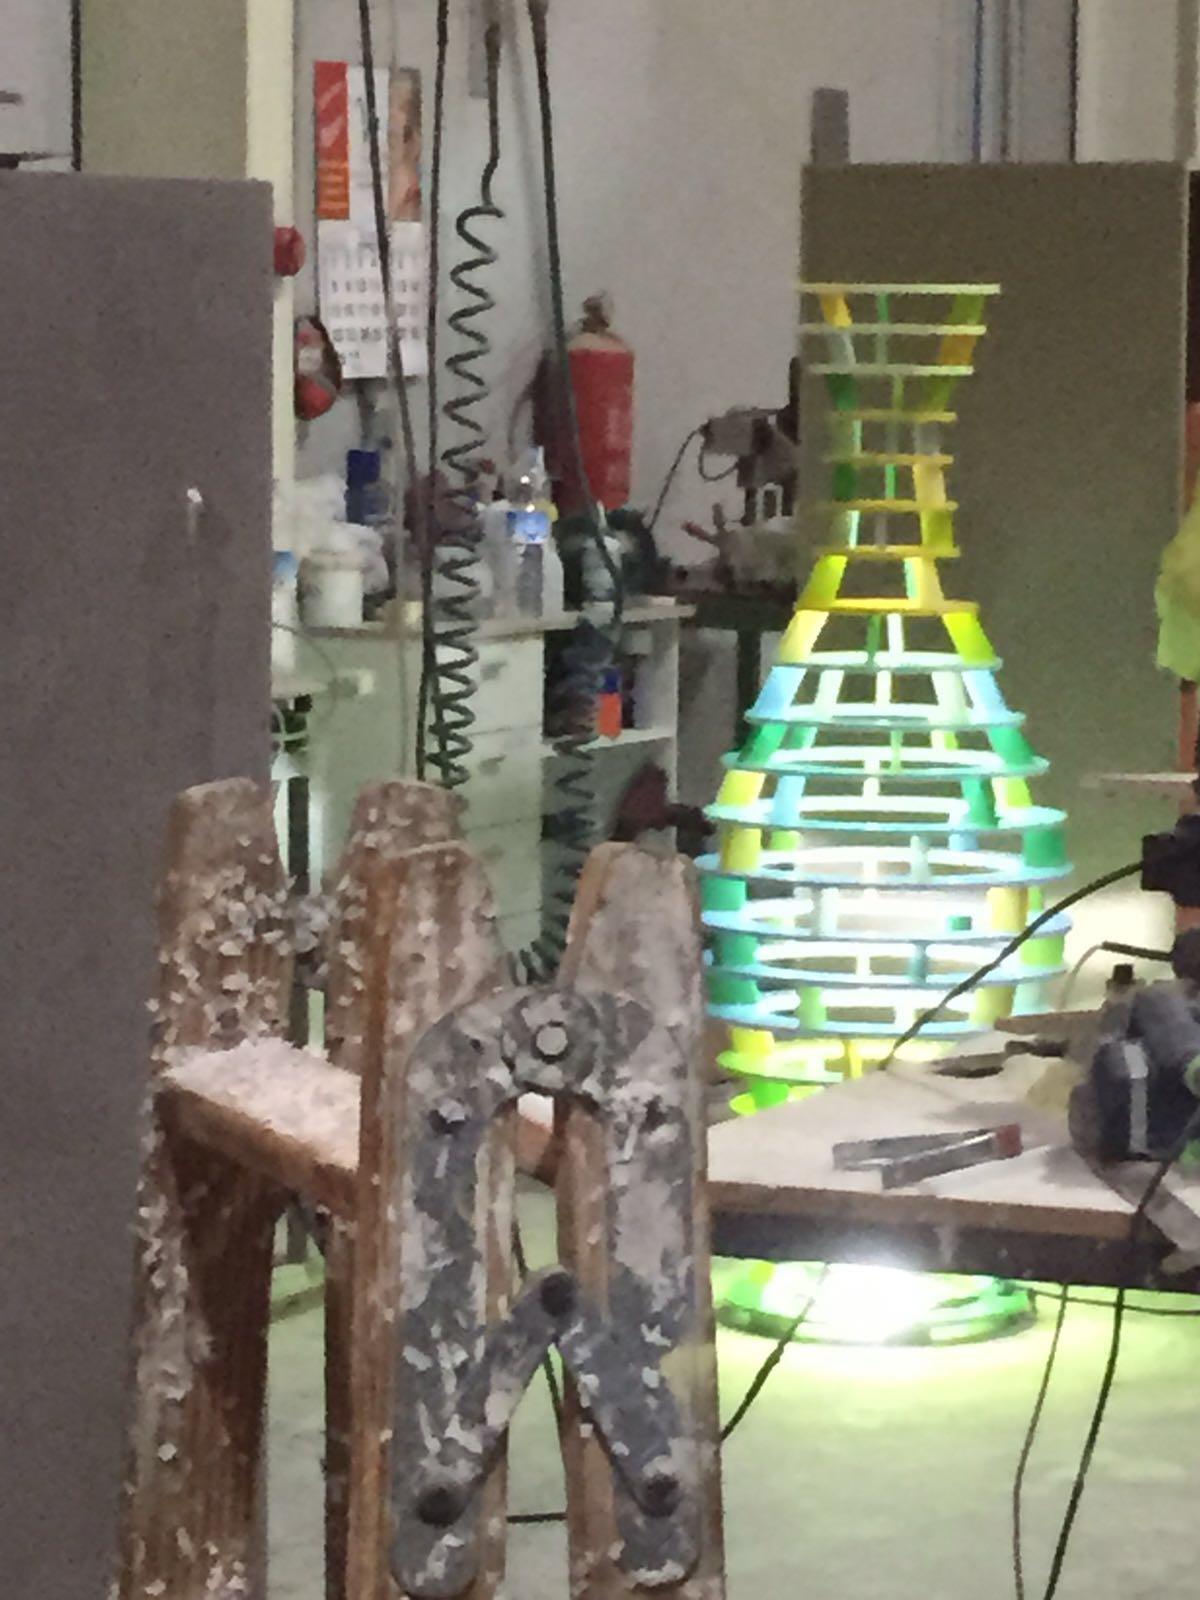 Escultura MUHER Philips Hong Kong 4 [:es]Muher crea una escultura Feng Shui para la sede de Philips en Hong Kong[:]